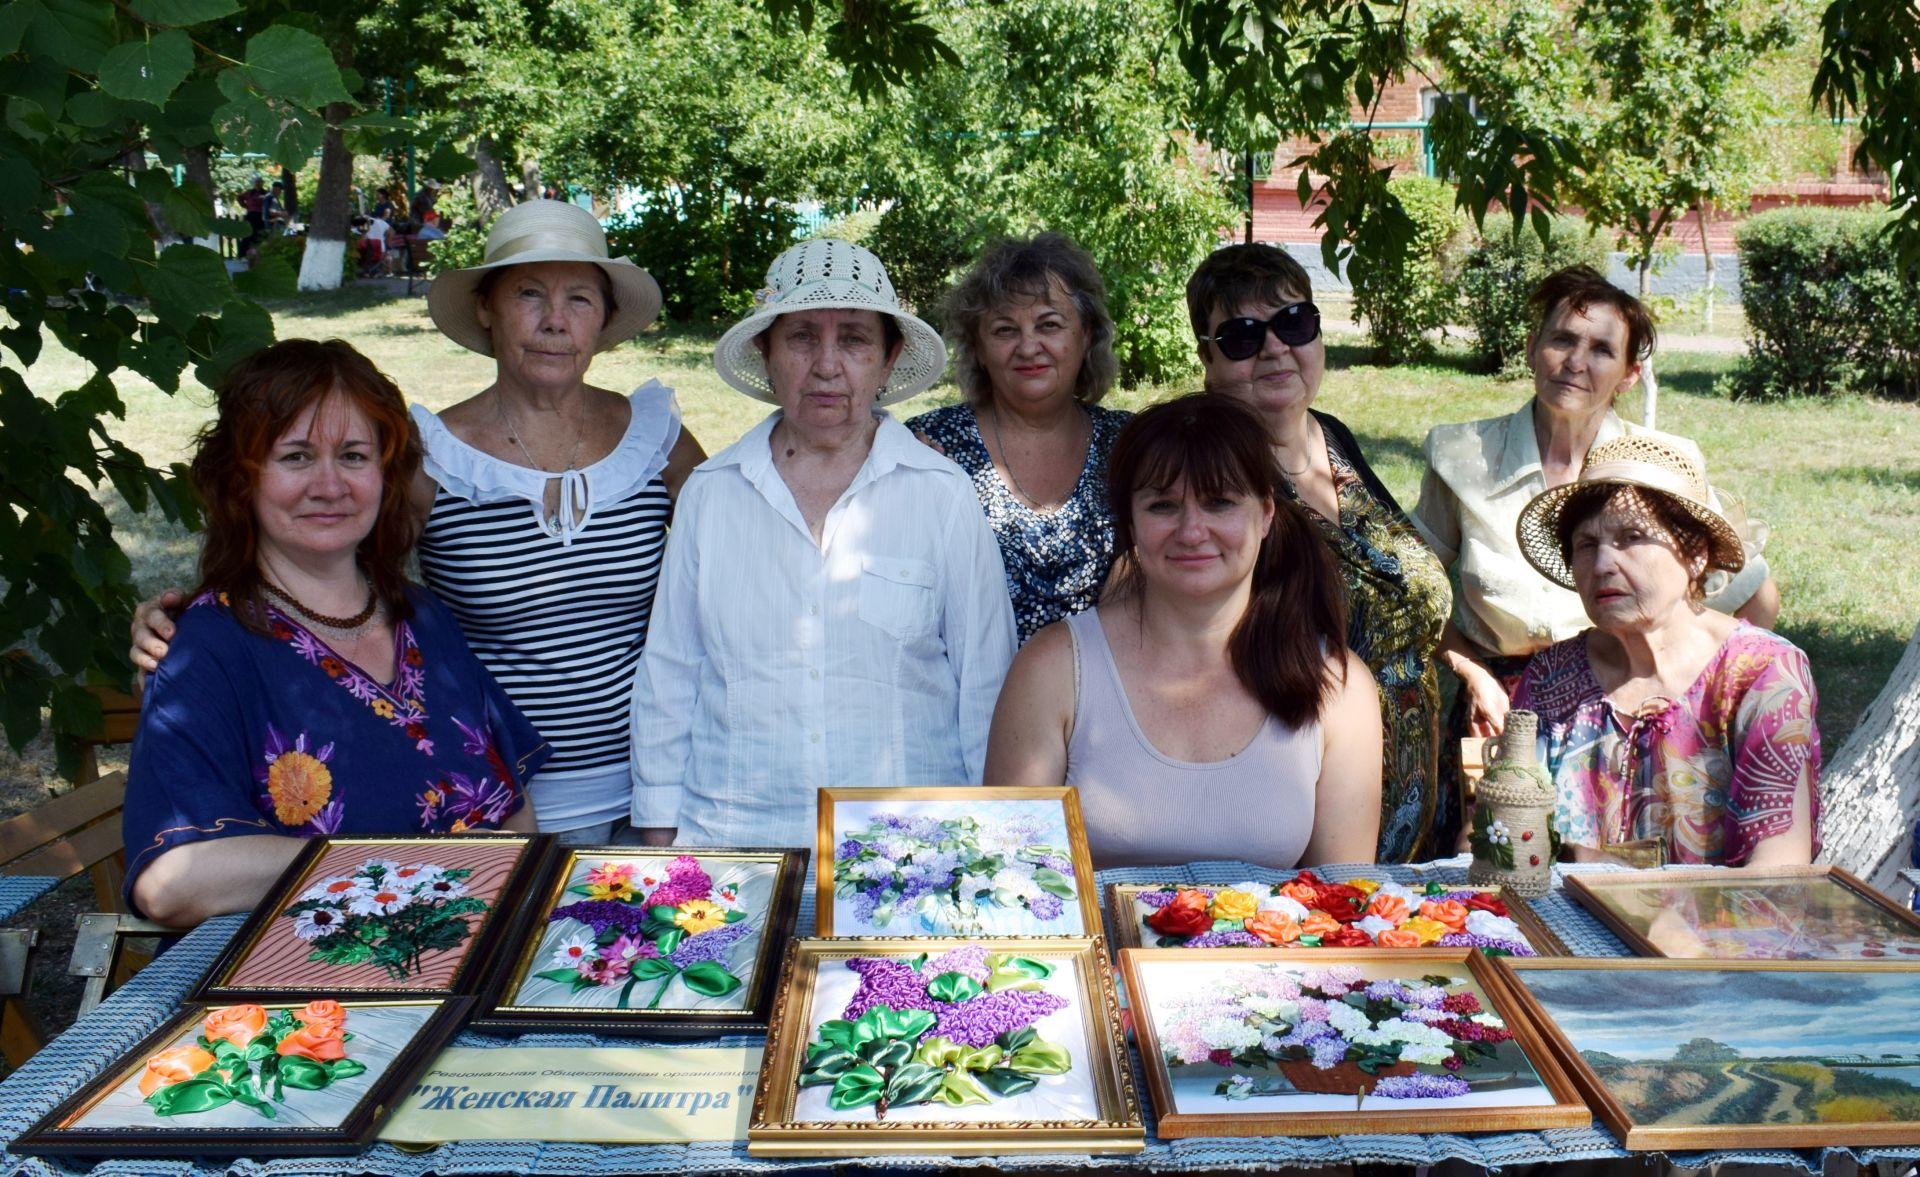 Участницы «Женской палитры» демонстрировали свои работы в «Городе мастеров»